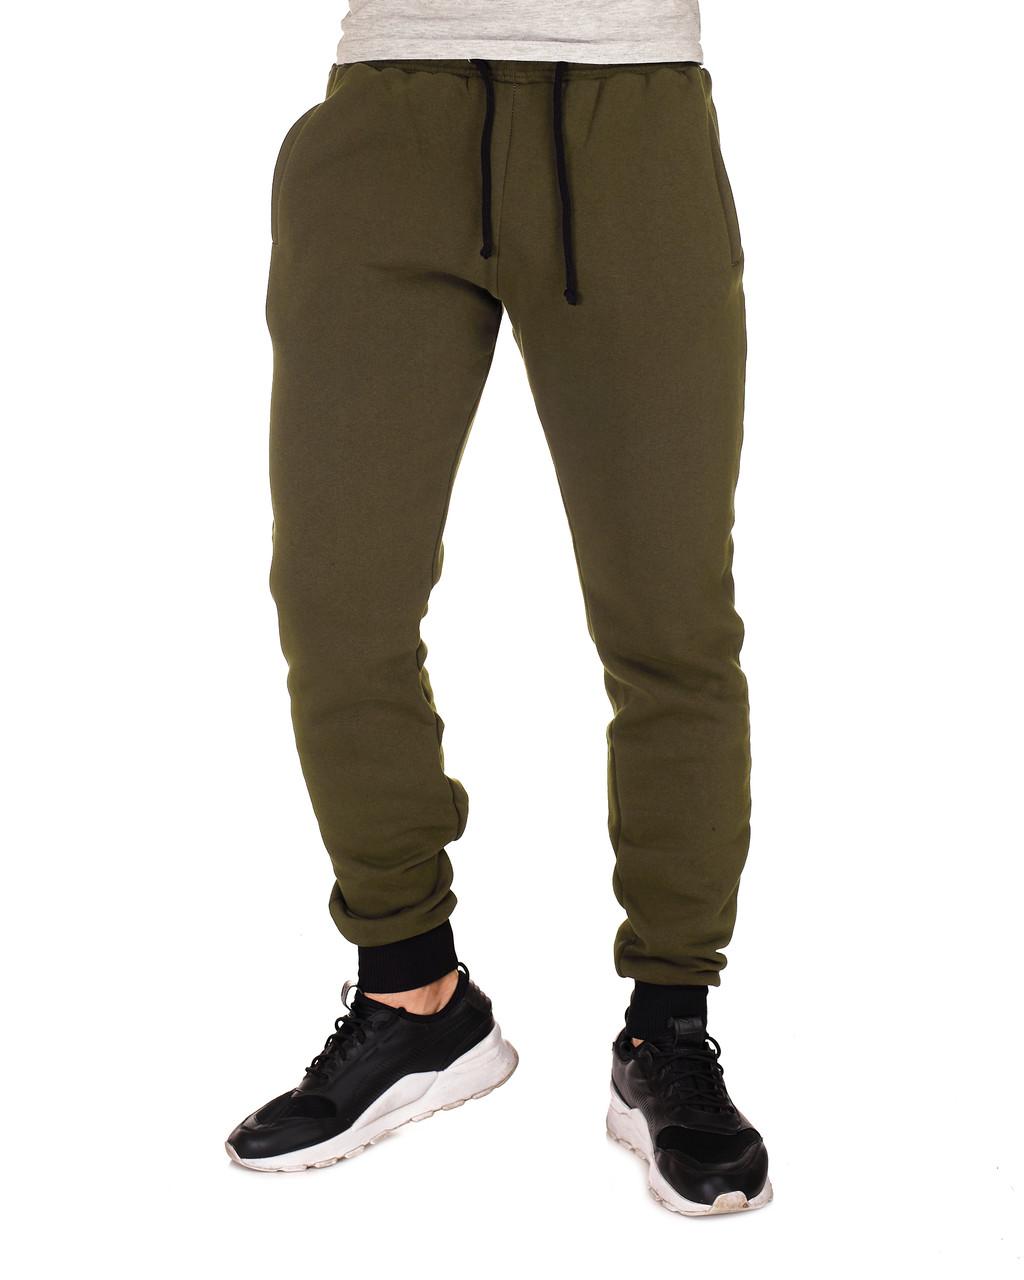 Теплые мужские спортивные штаны на флисе WB размер S оливковые